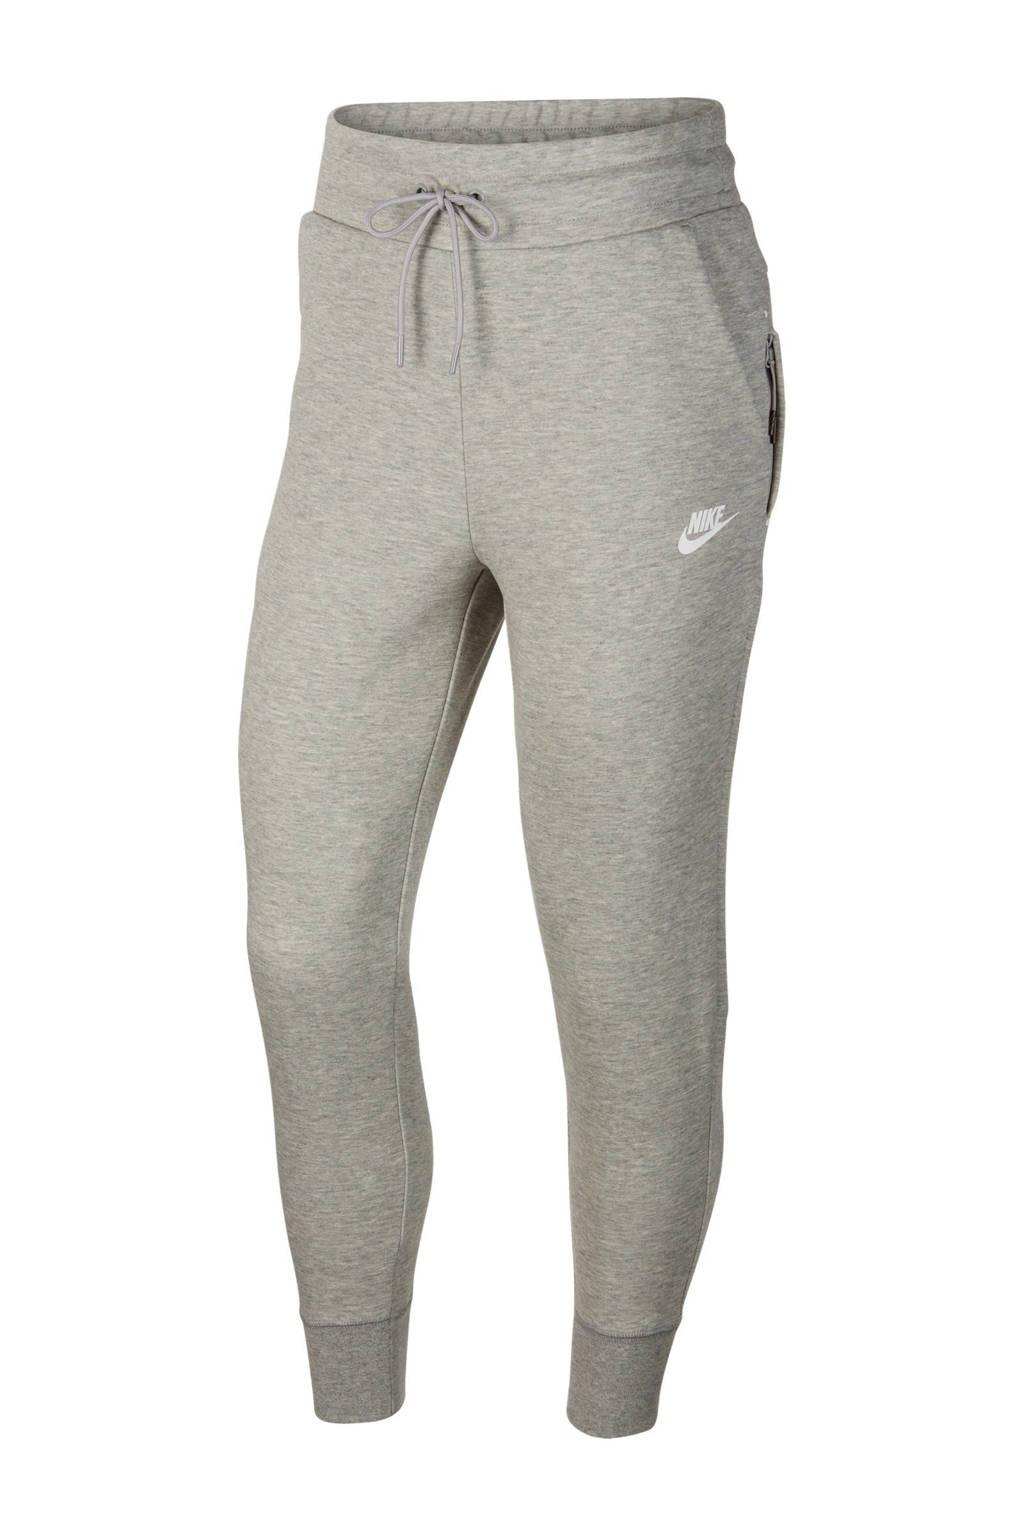 Nike Tech Fleece regular fit joggingbroek met logo grijs melange, Grijs melange